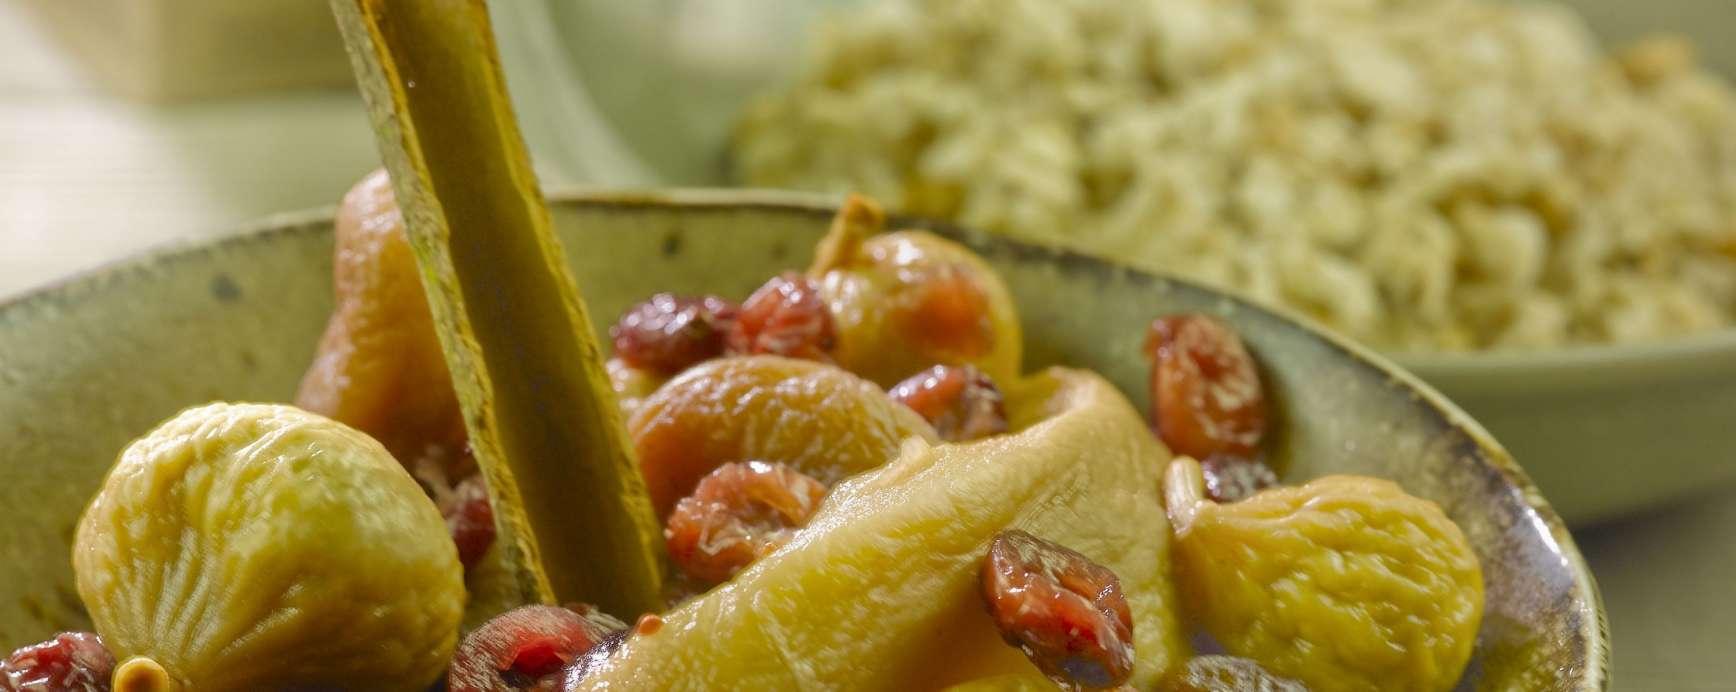 ayurvedische vruchtenschotel (chai kruiden en palmsuiker)